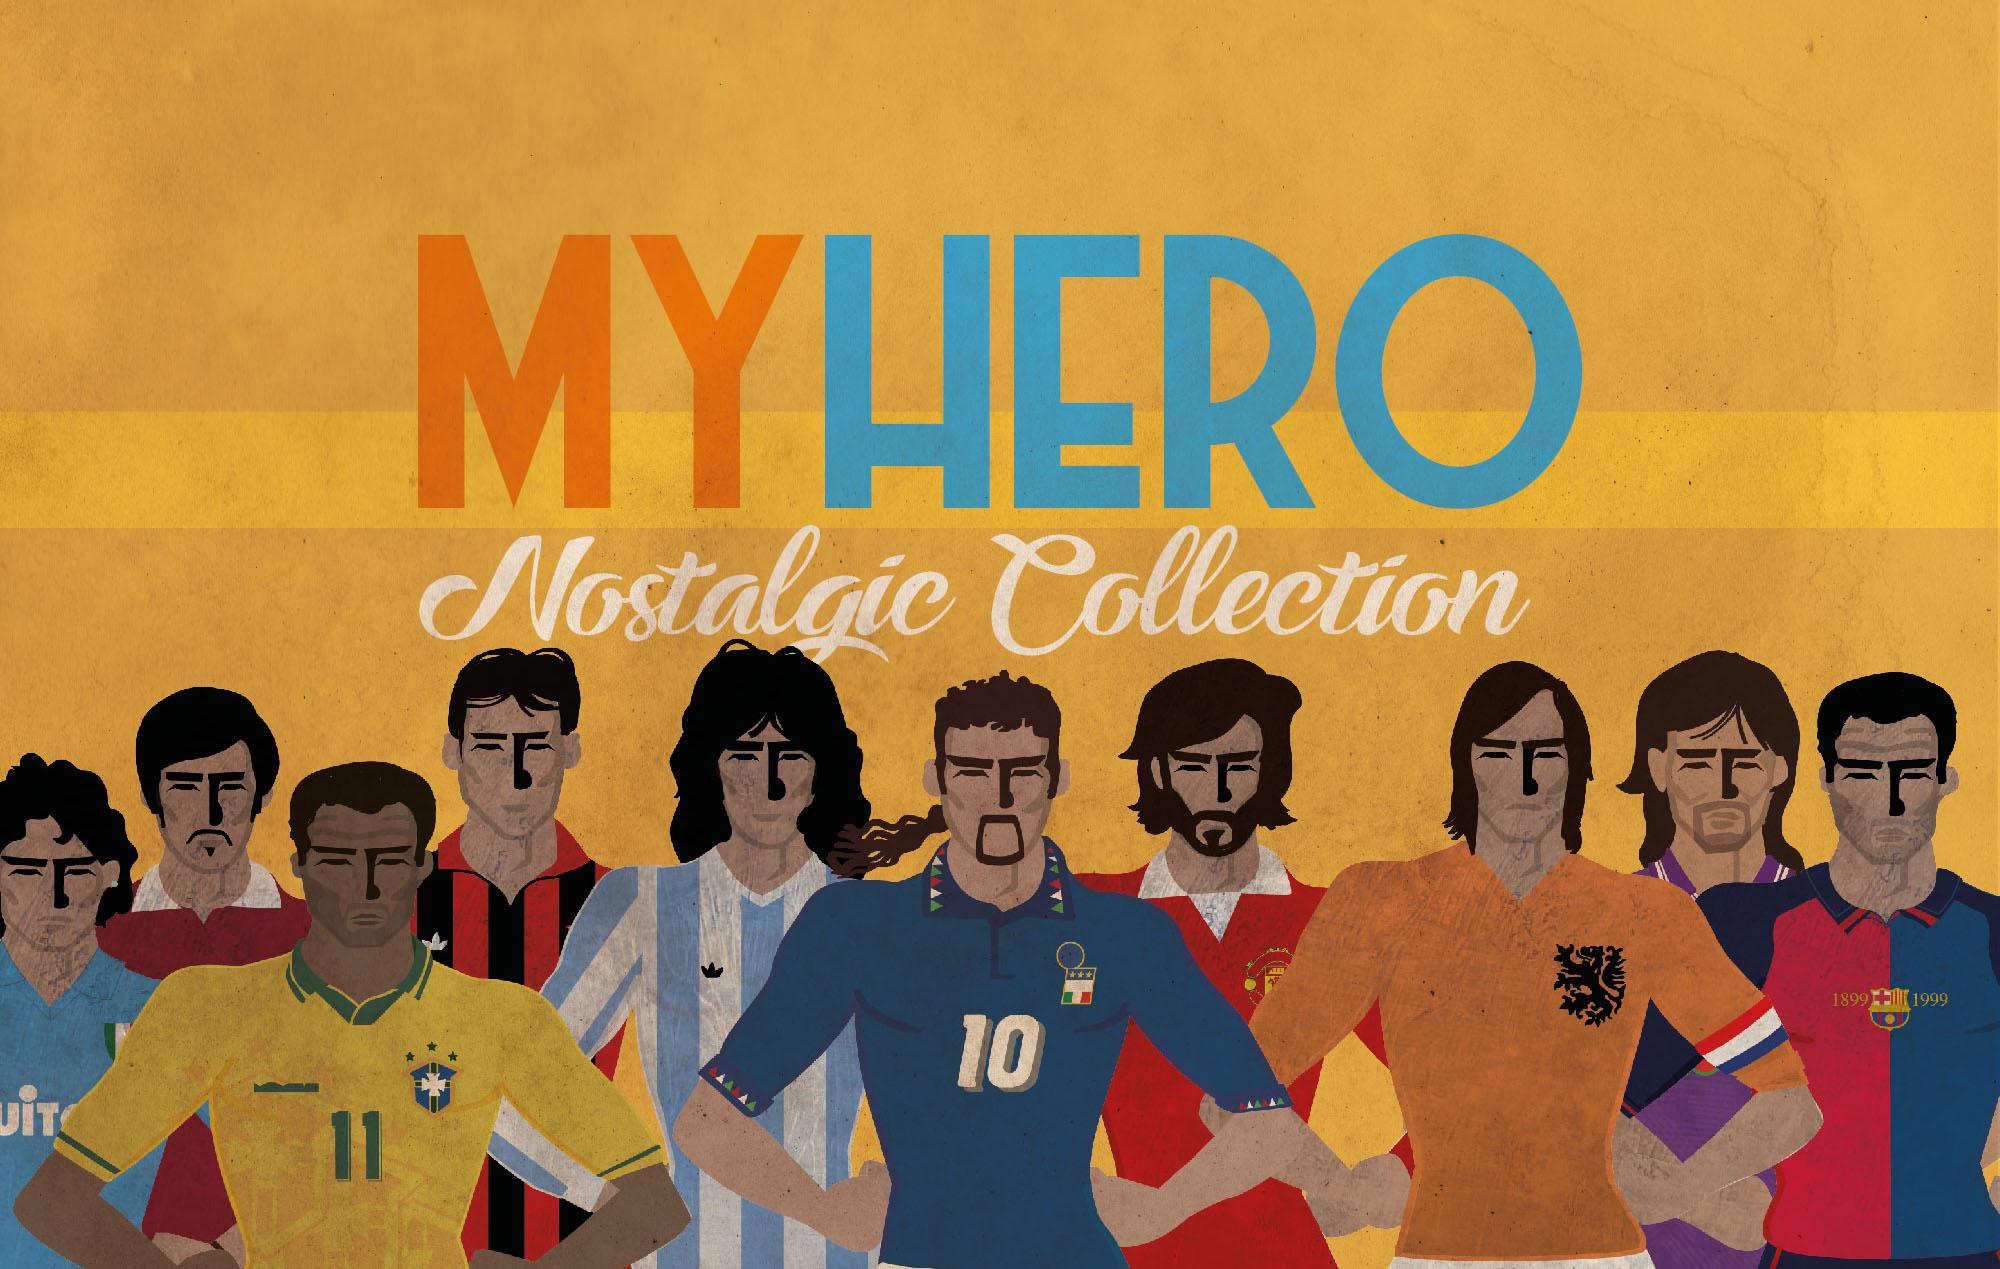 Collezione di Tshirt ed Accessori dedicata al calcio